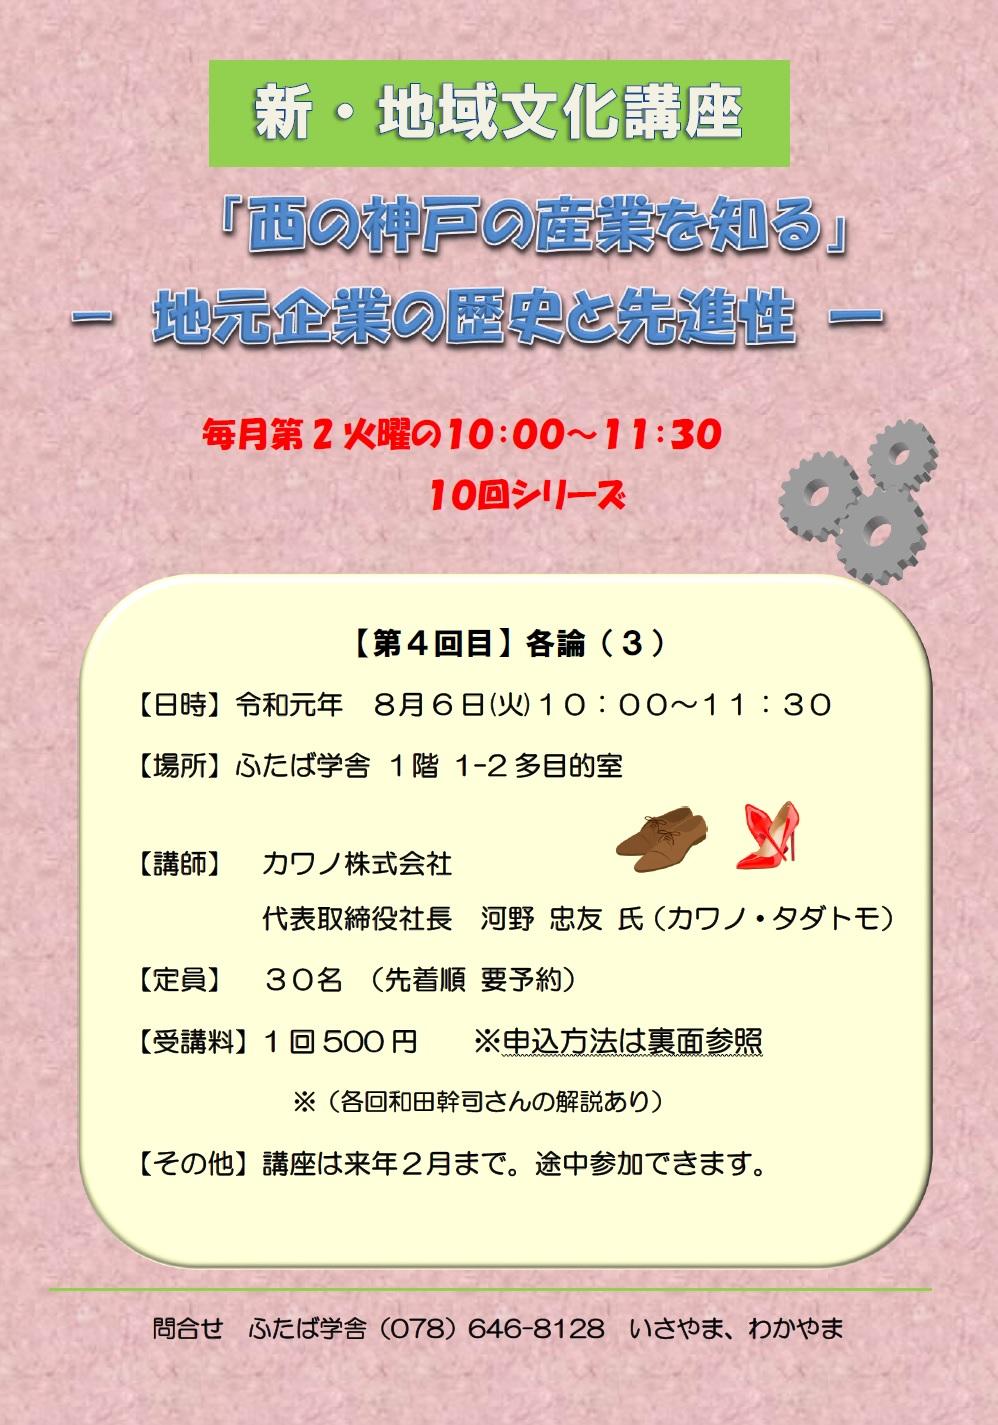 第4回 新・地域文化講座「西の神戸の産業を知る」ー地元企業の歴史と先進性  @ ふたば学舎1-2多目的室